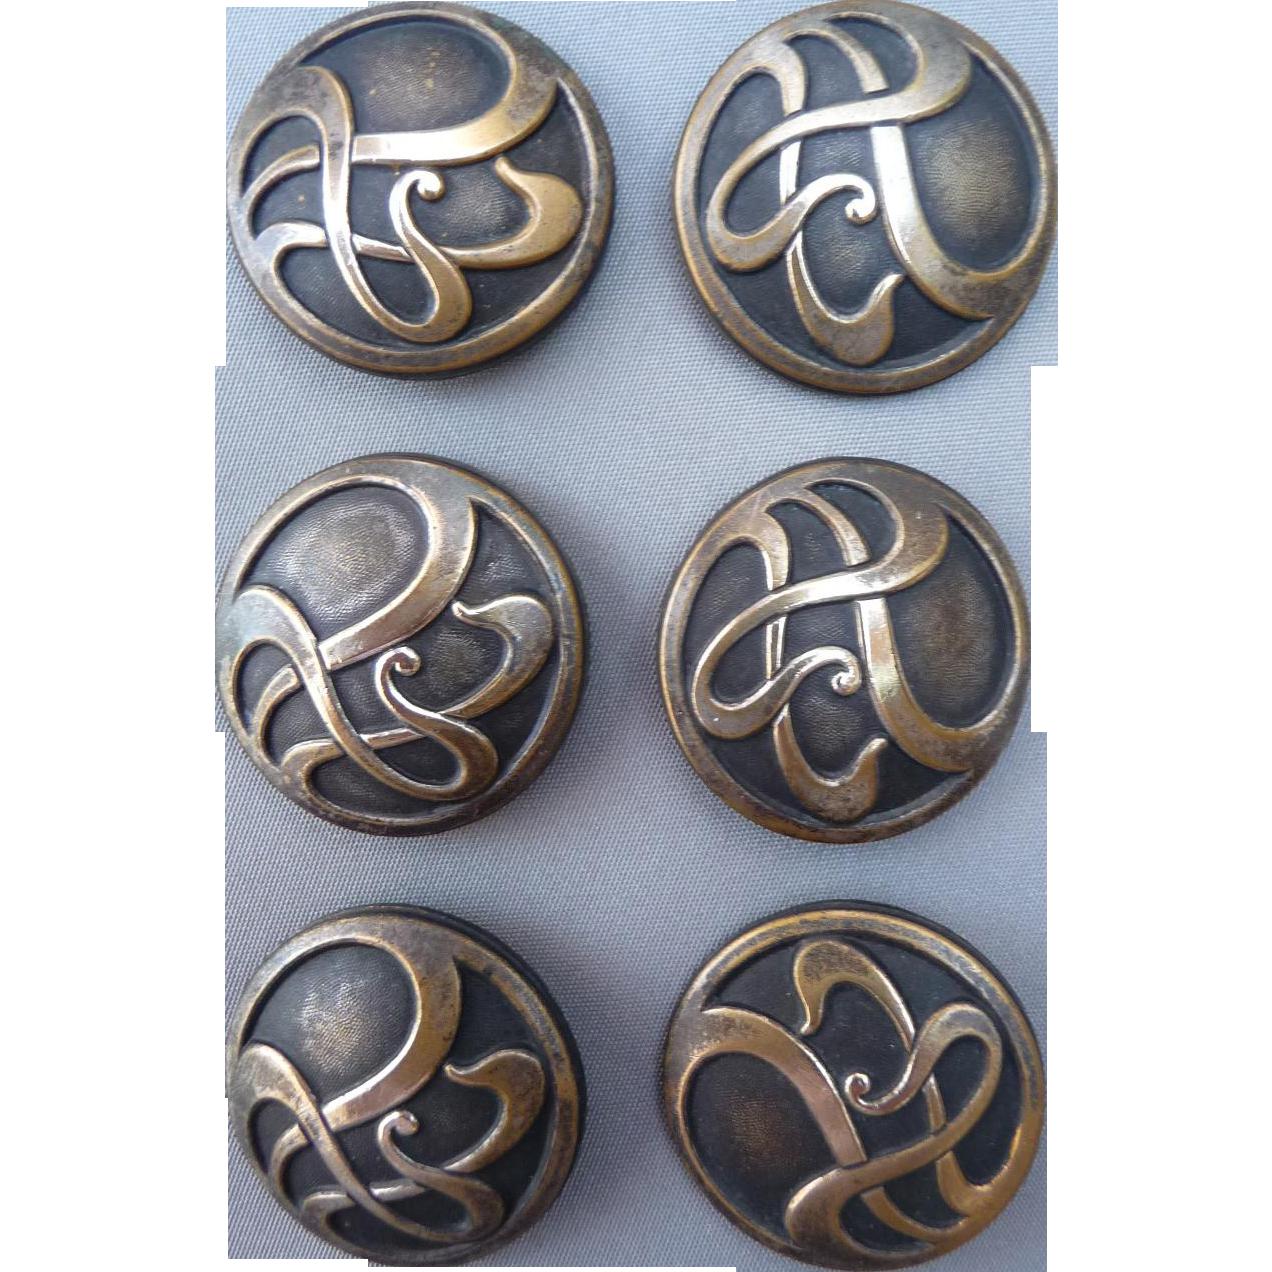 Six Vintage Art Nouveau Buttons